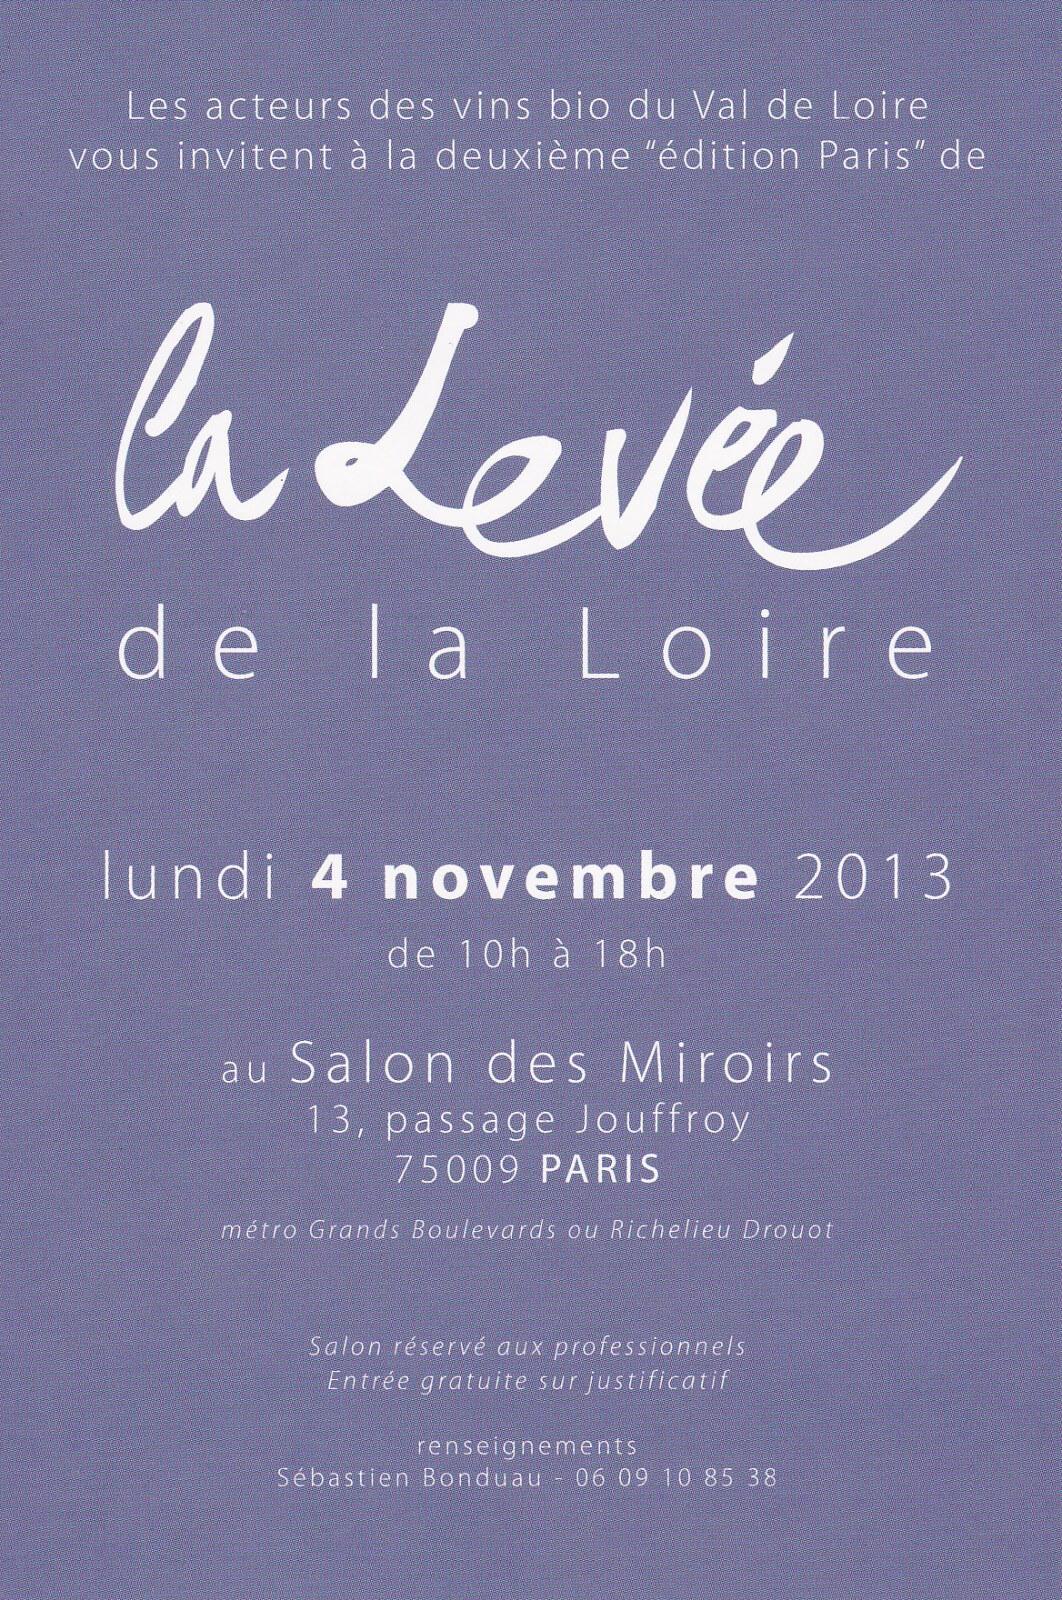 La levée de la Loire